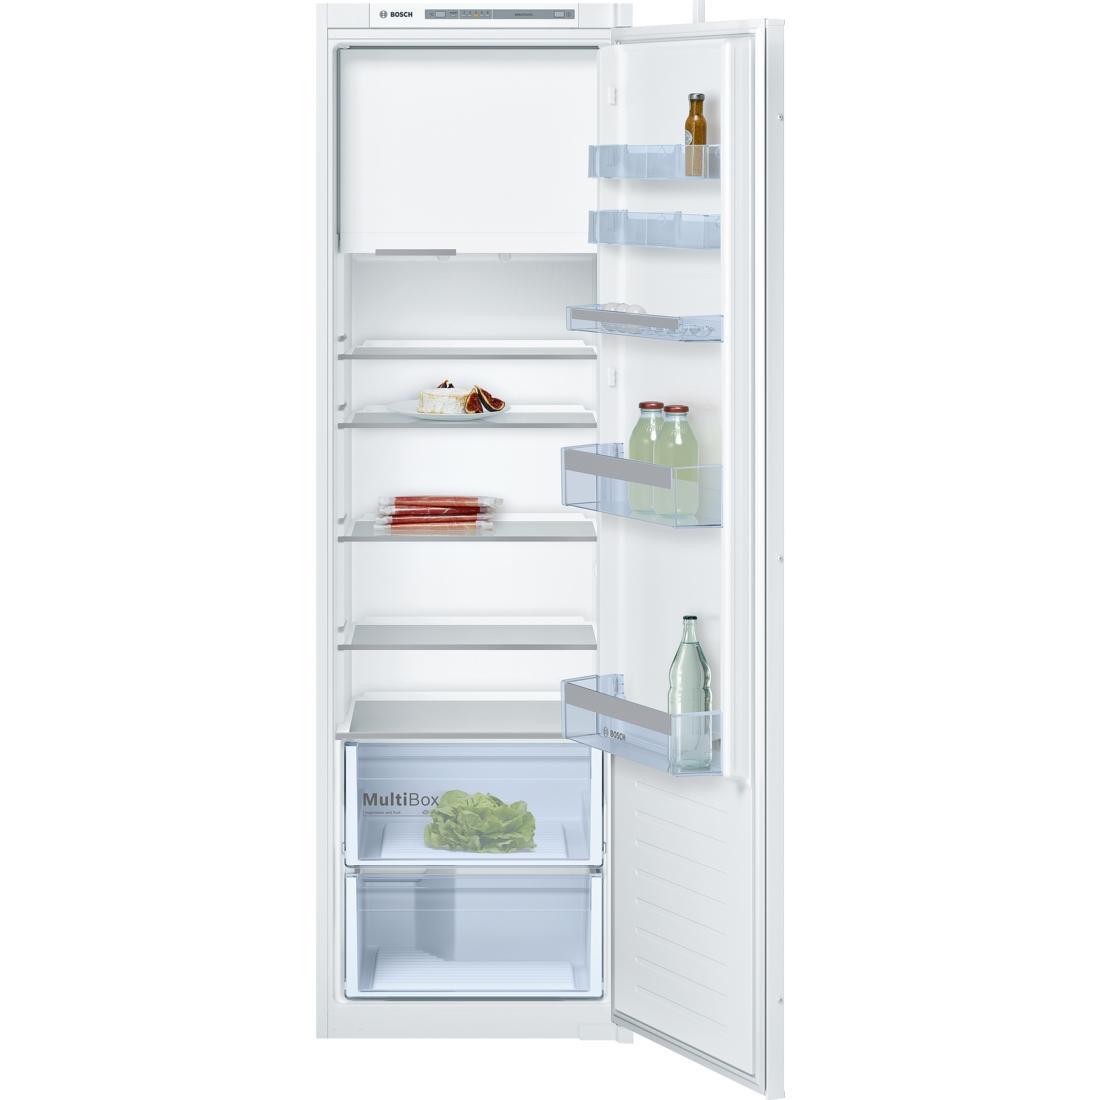 Photo Réfrigérateur Bosch 1 Porte Intégrable KIL82VS30